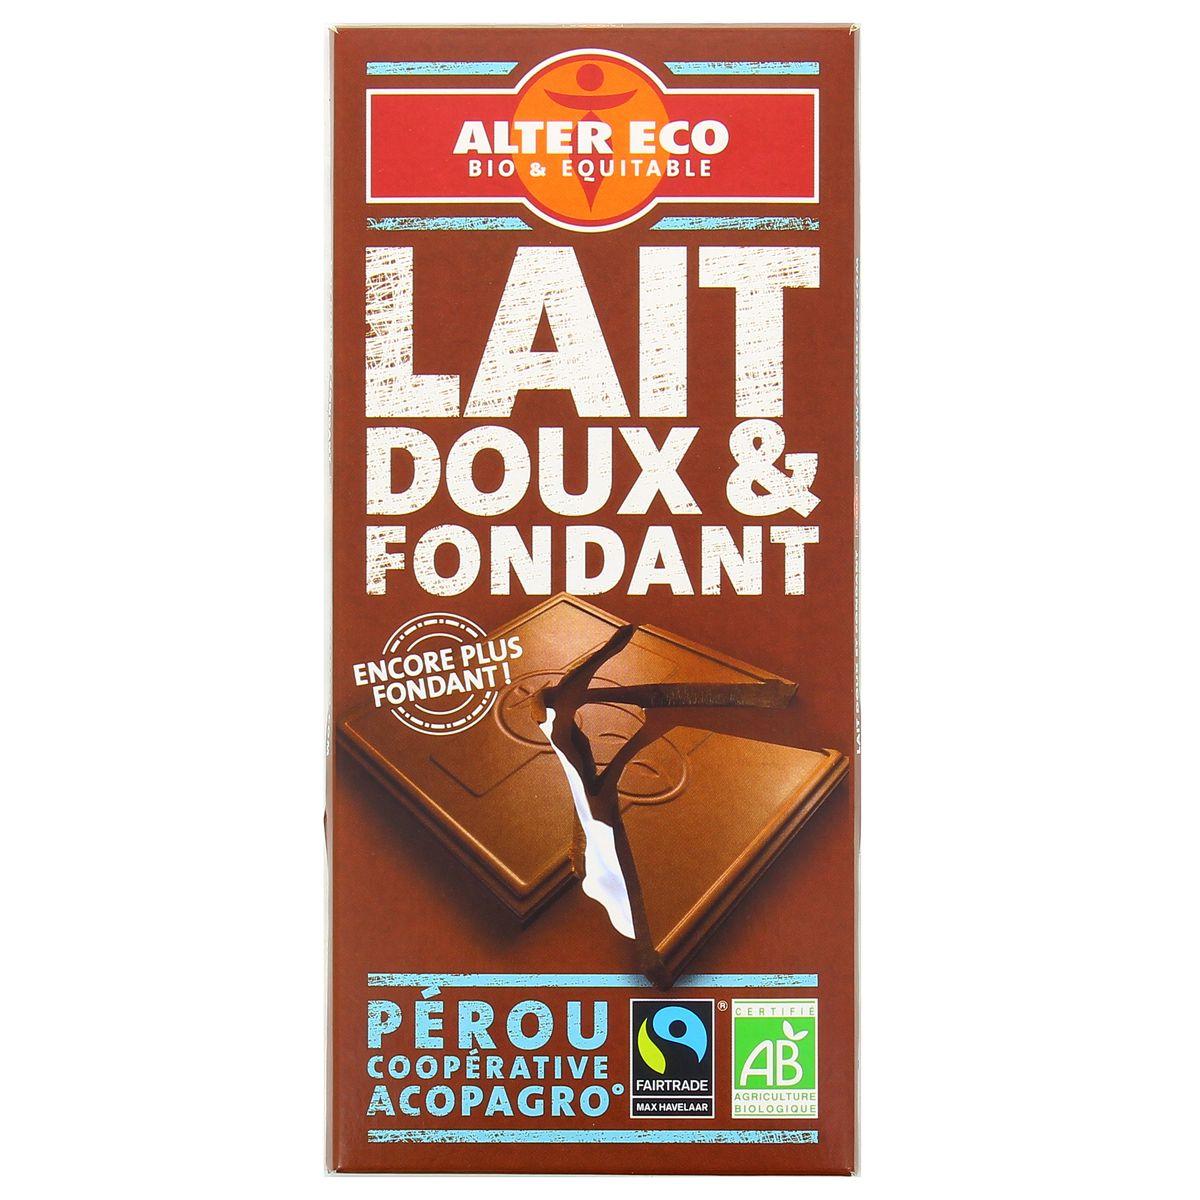 Alter Eco - Commerce Equitable Chocolat au lait doux et fondant, bio, 100g